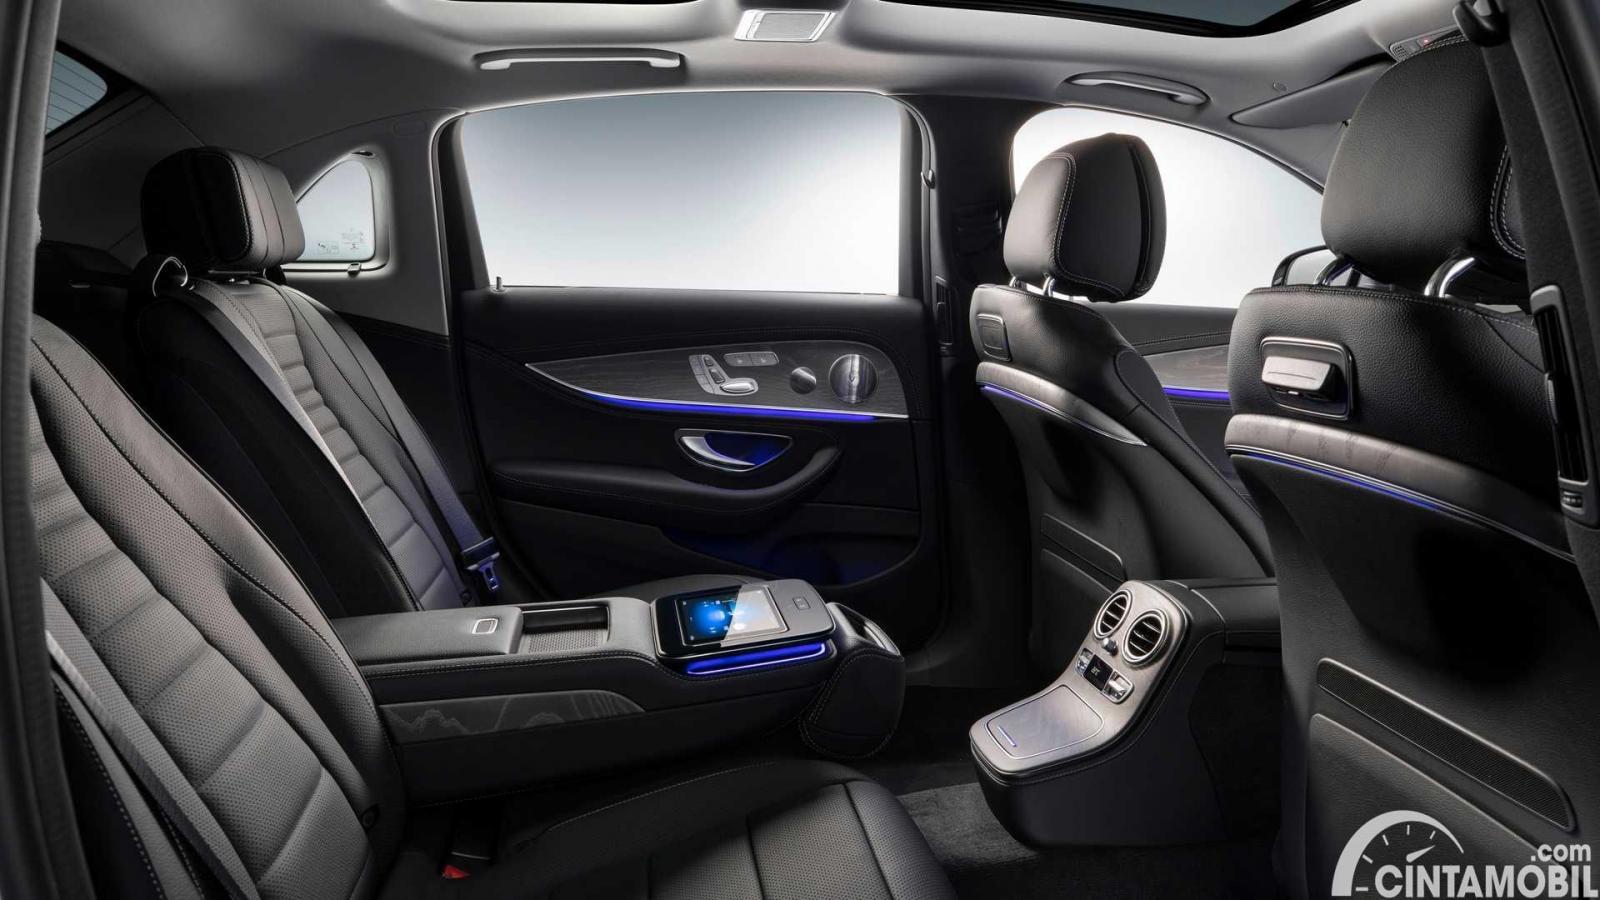 Kursi belakang Mercedes-Benz E-Class 2021 LWB